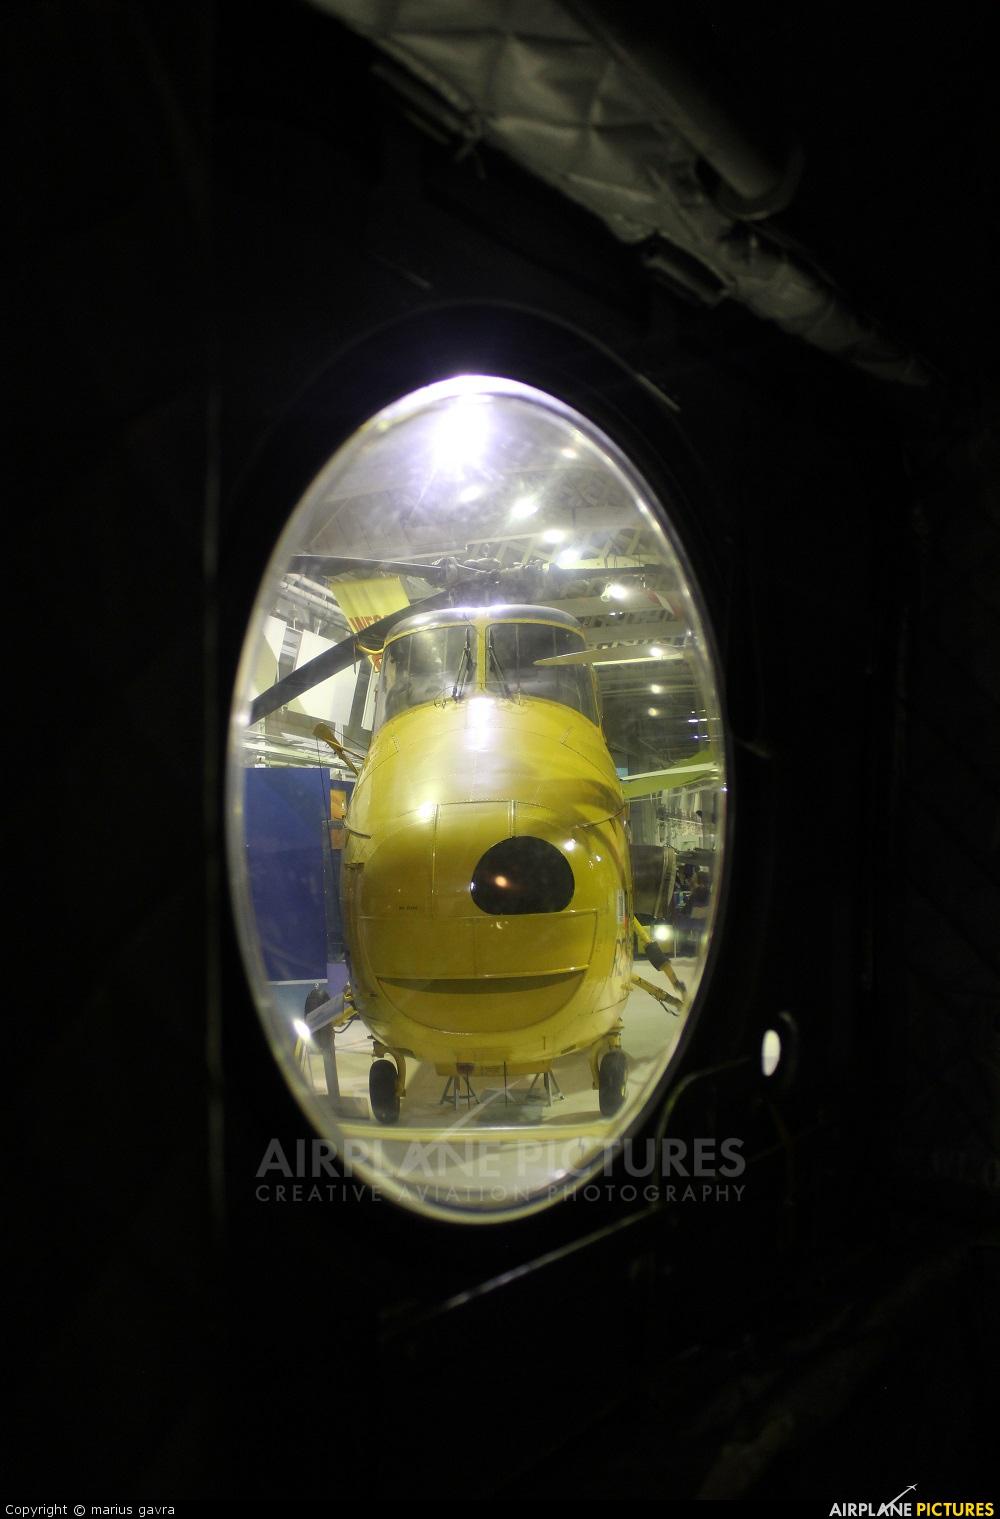 Royal Air Force XP299 aircraft at Hendon - RAF Museum